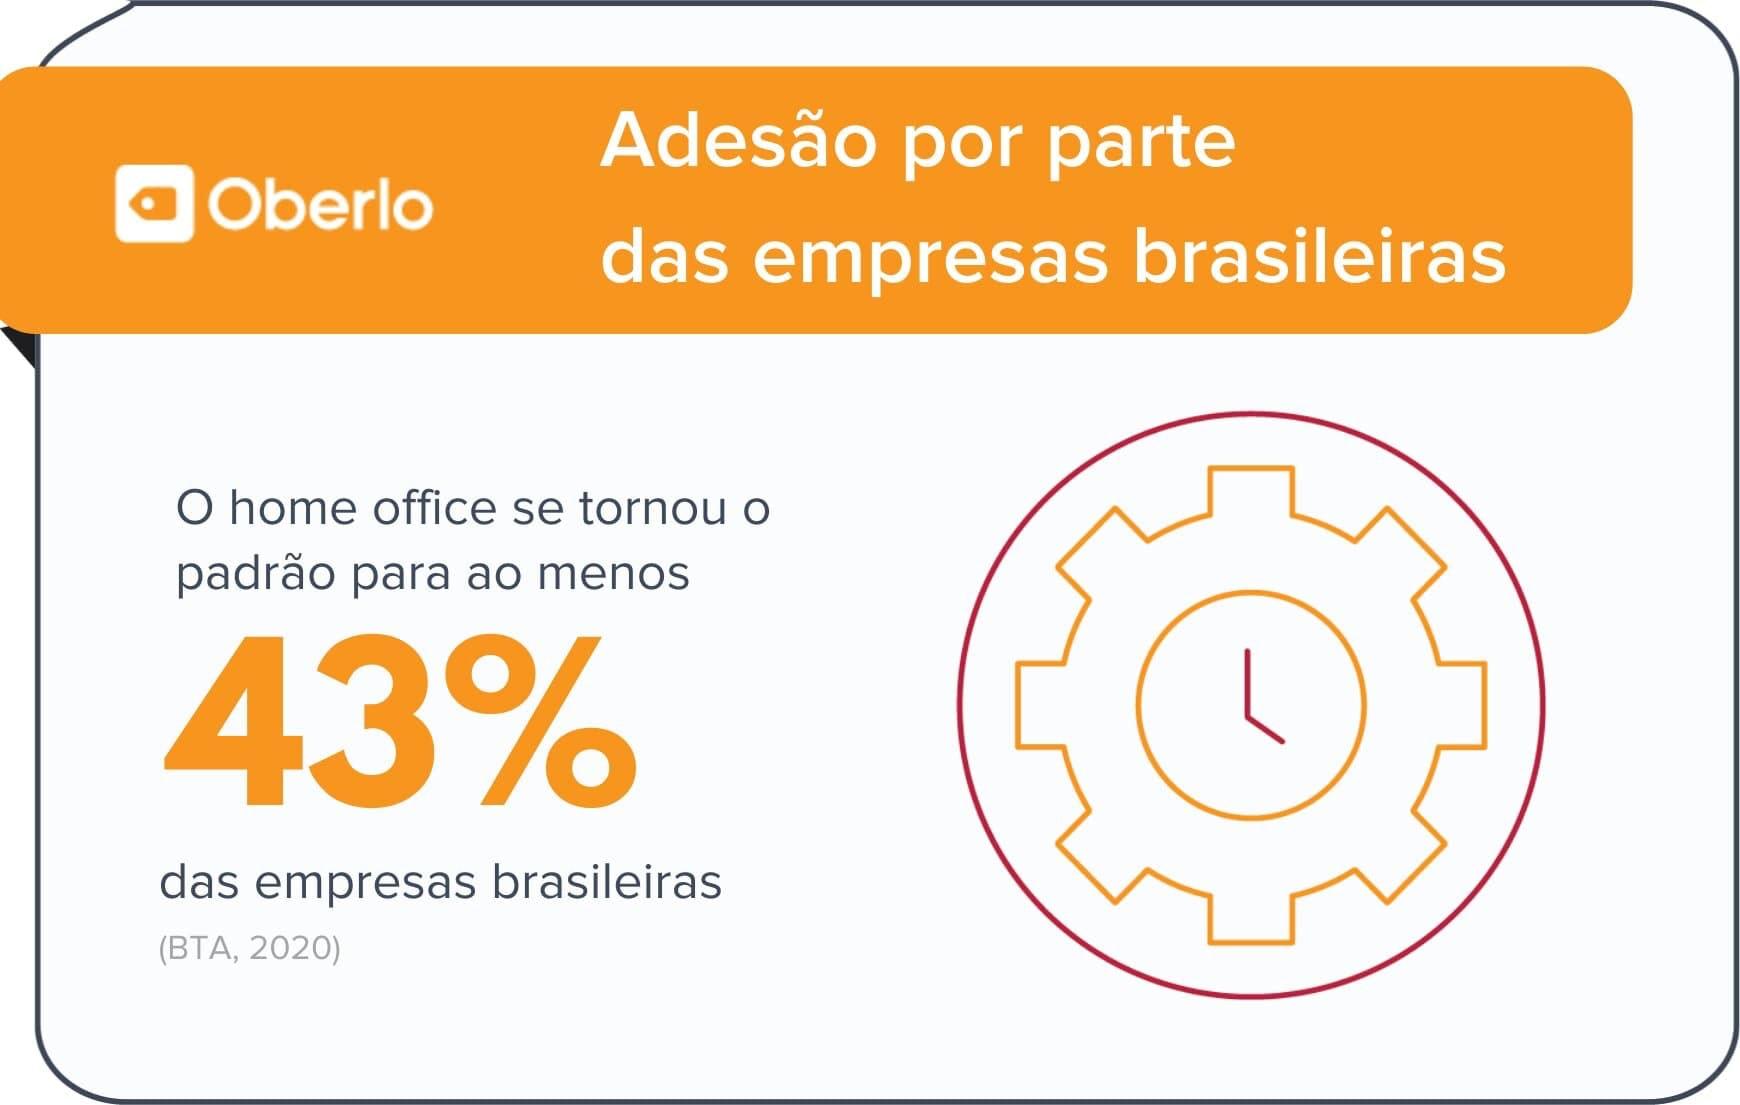 Adesão do home office nas empresas brasileiras